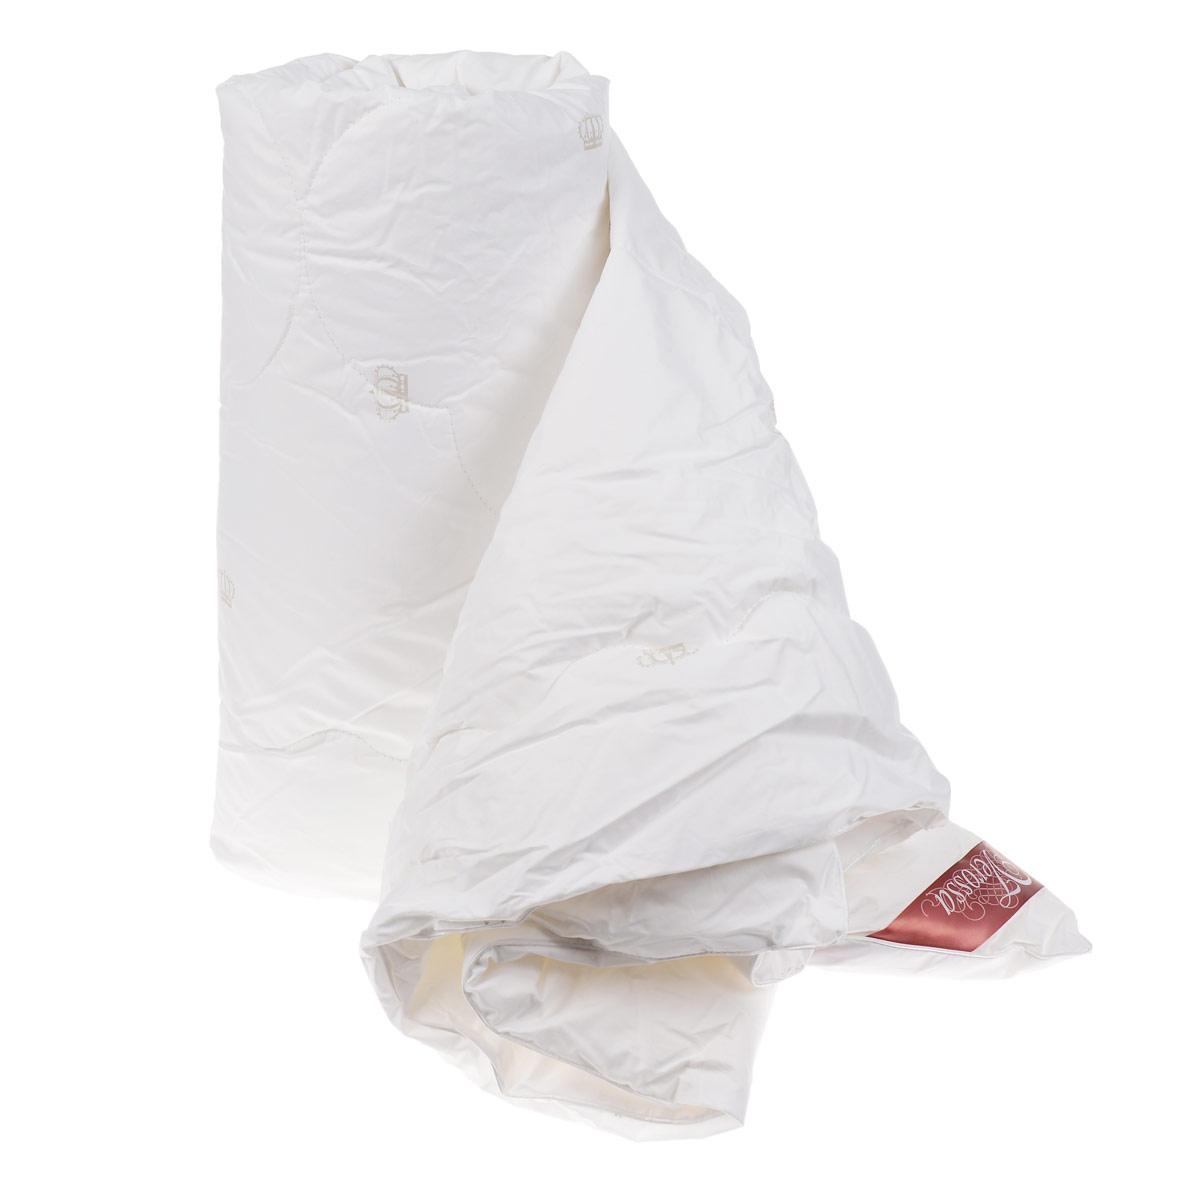 Одеяло Verossa, наполнитель: лебяжий пух, цвет: белый, 200 см х 220 см10503Одеяло Verossa - стильная и комфортная постельная принадлежность, которая подарит уют и позволит окунуться в здоровый и спокойный сон. Чехол одеяла выполнен из перкаля пуходержащего (100% хлопка). Внутри - наполнитель из искусственного лебяжьего пуха, который является аналогом натурального пуха и представляет собой сверхтонкое волокно нового поколения. Благодаря этому одеяло очень мягкое и легкое, не накапливает пыль и запахи. Важным преимуществом является гипоаллергенность наполнителя, поэтому одеяло отлично подходит как взрослым, так и детям. Легкое и объемное, оно имеет среднюю степень теплоты и отличную терморегуляцию: под ним будет тепло зимой и не жарко летом. Рекомендации по уходу: - Можно стирать в стиральной машине при температуре не выше 30°С. - Не отбеливать. - Не гладить. - Нельзя отжимать и сушить в стиральной машине. - Химчистка с мягким растворителем. - Сушить вертикально. Материал чехла: перкаль пуходержащий (100% хлопок). Наполнитель: искусственный лебяжий пух (100% полиэстер). Размер: 200 см х 220 см.Плотность наполнителя: 150 г/м2.